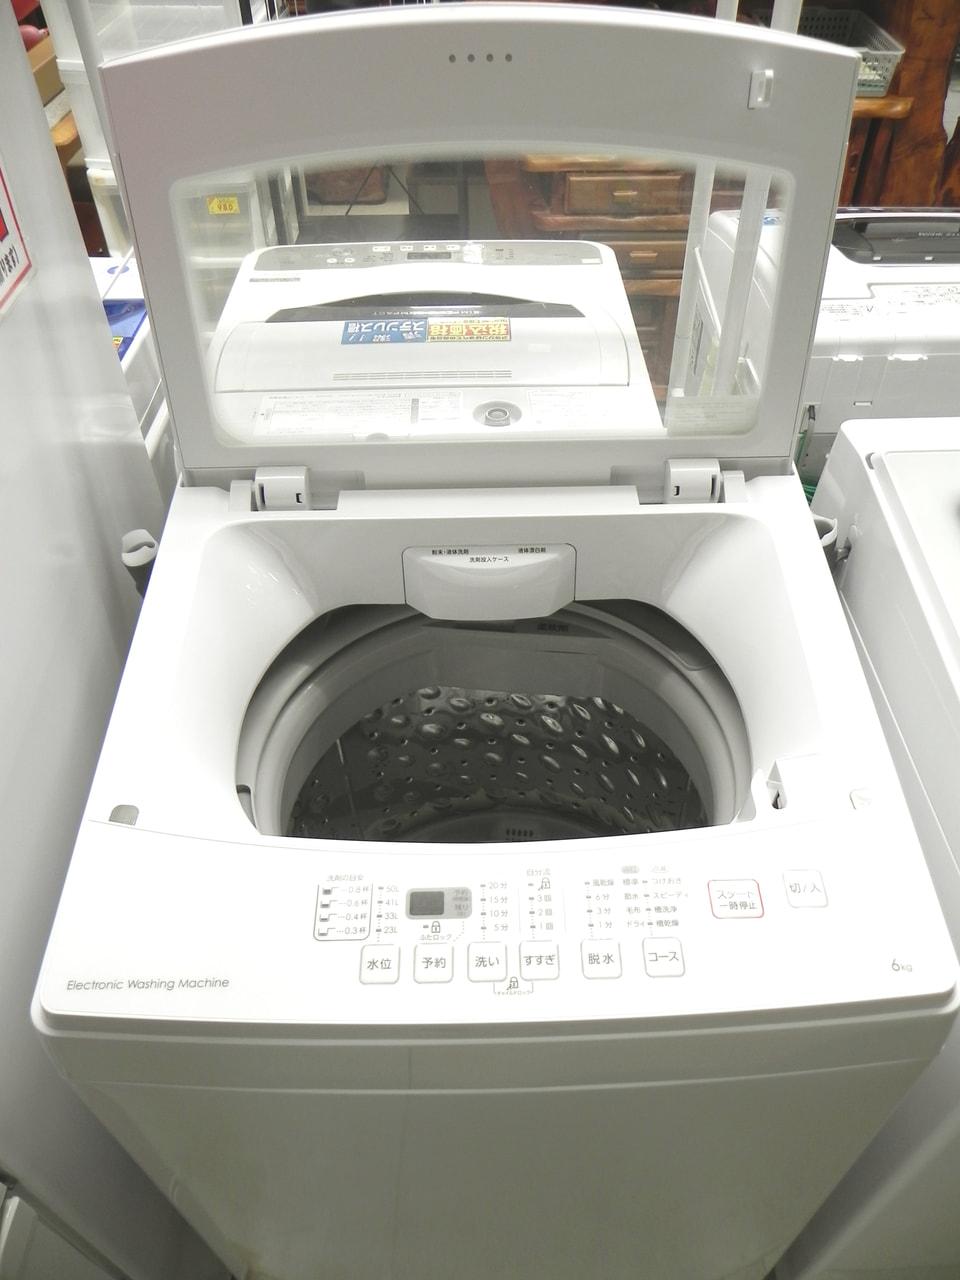 2019年製 6.0kg 洗濯機 NITORI NTR60